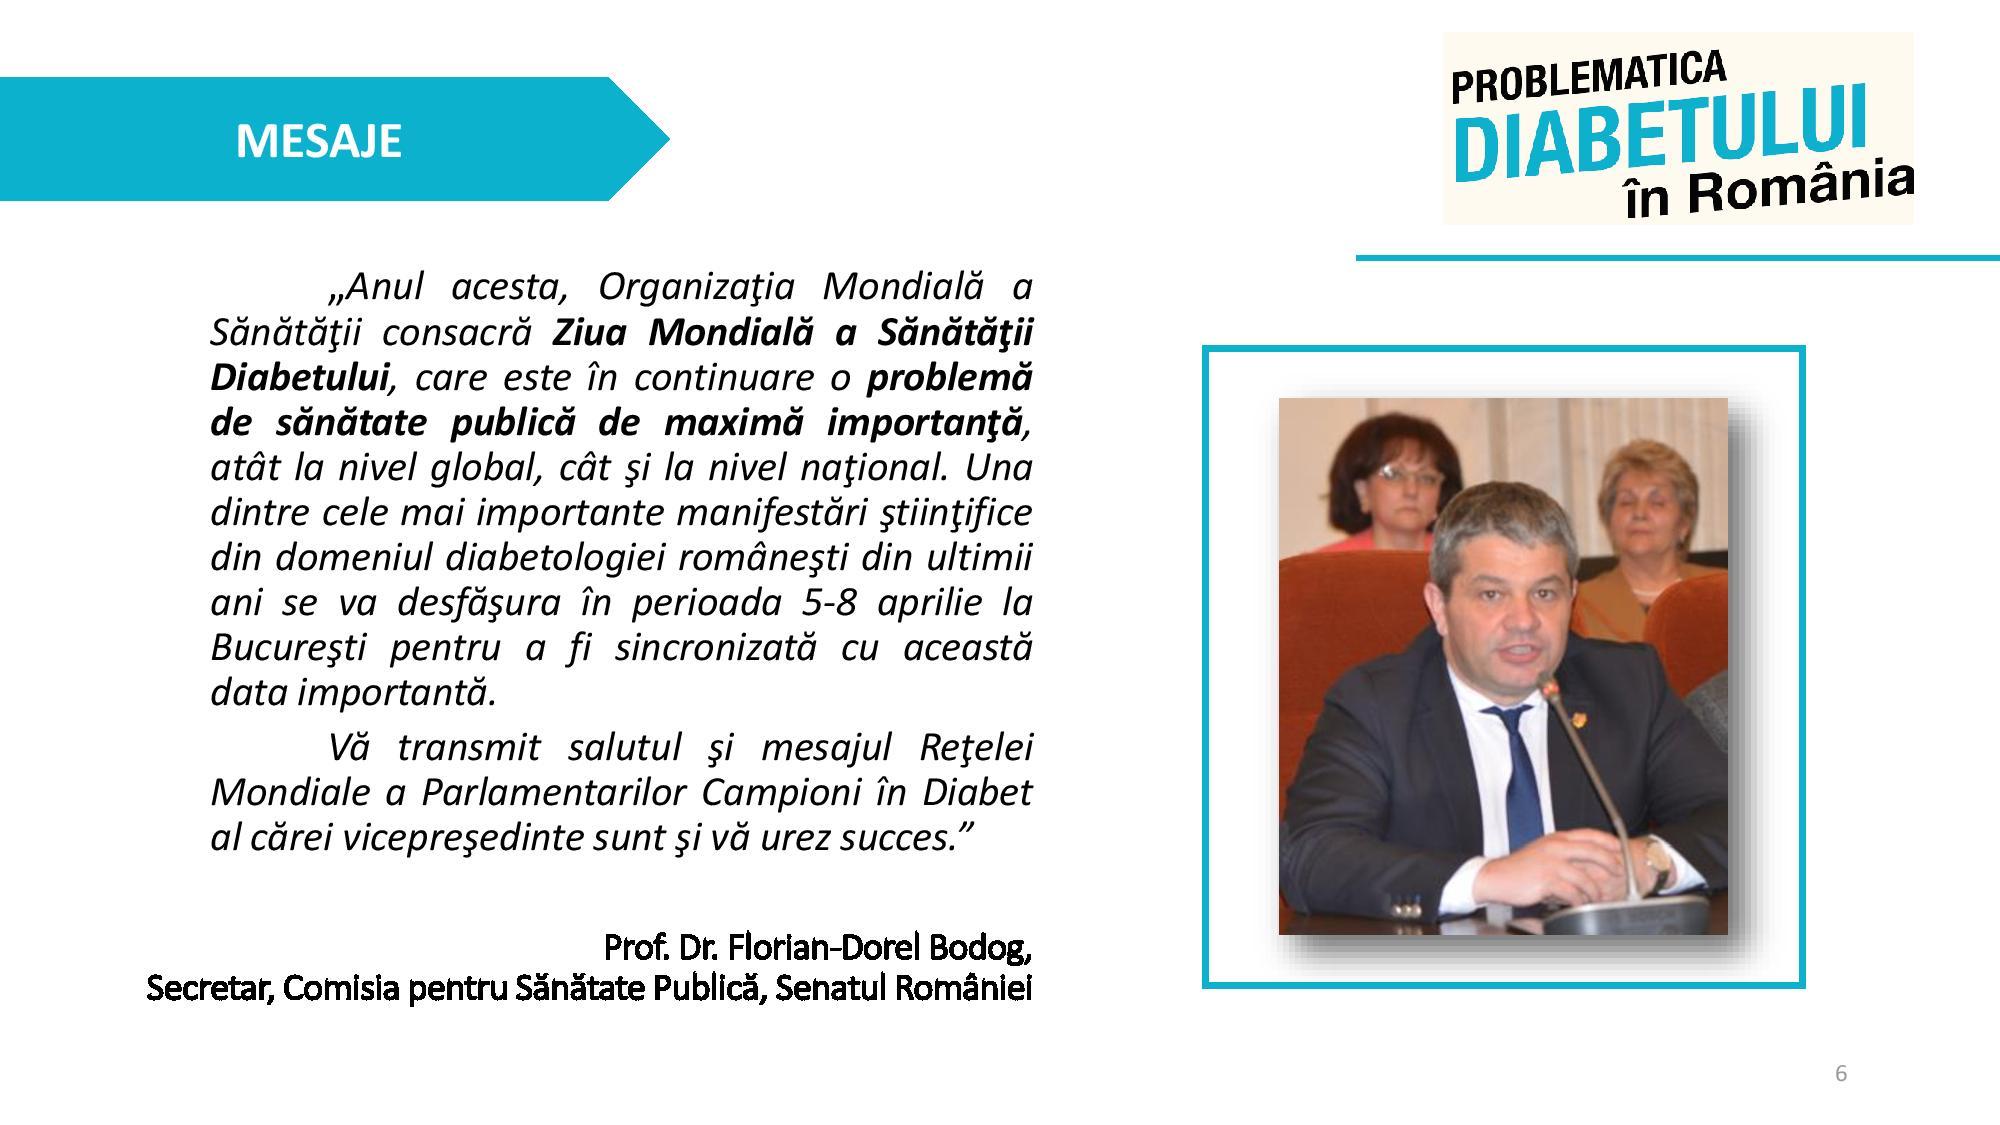 Problematica Diabetului in Romania 2016-page-006